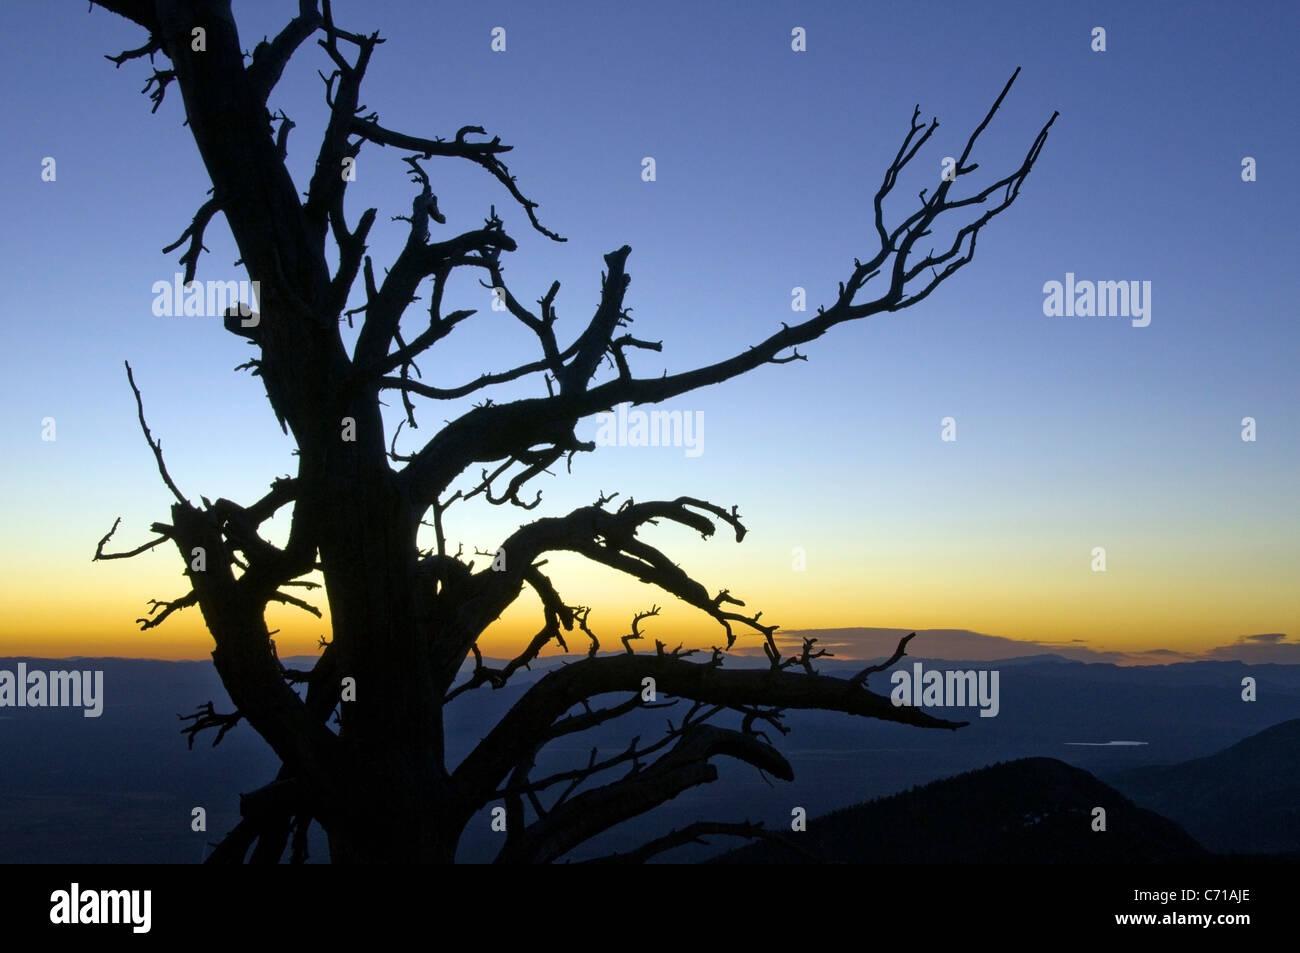 La silhouette d'un arbre au lever du soleil dans le Parc National du Grand Bassin, NV. Photo Stock